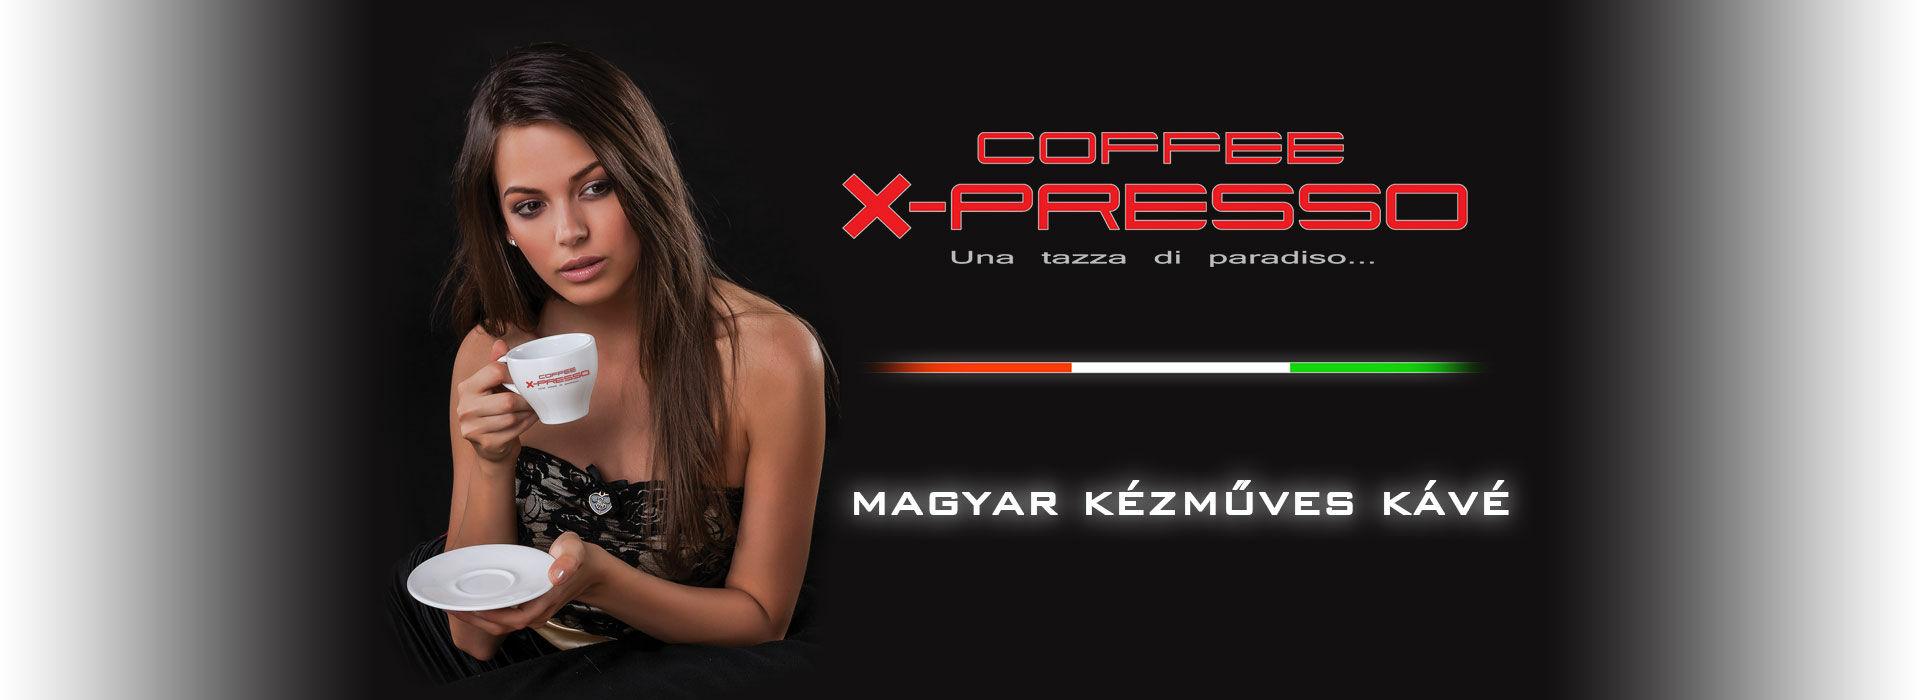 Kézműves kávék